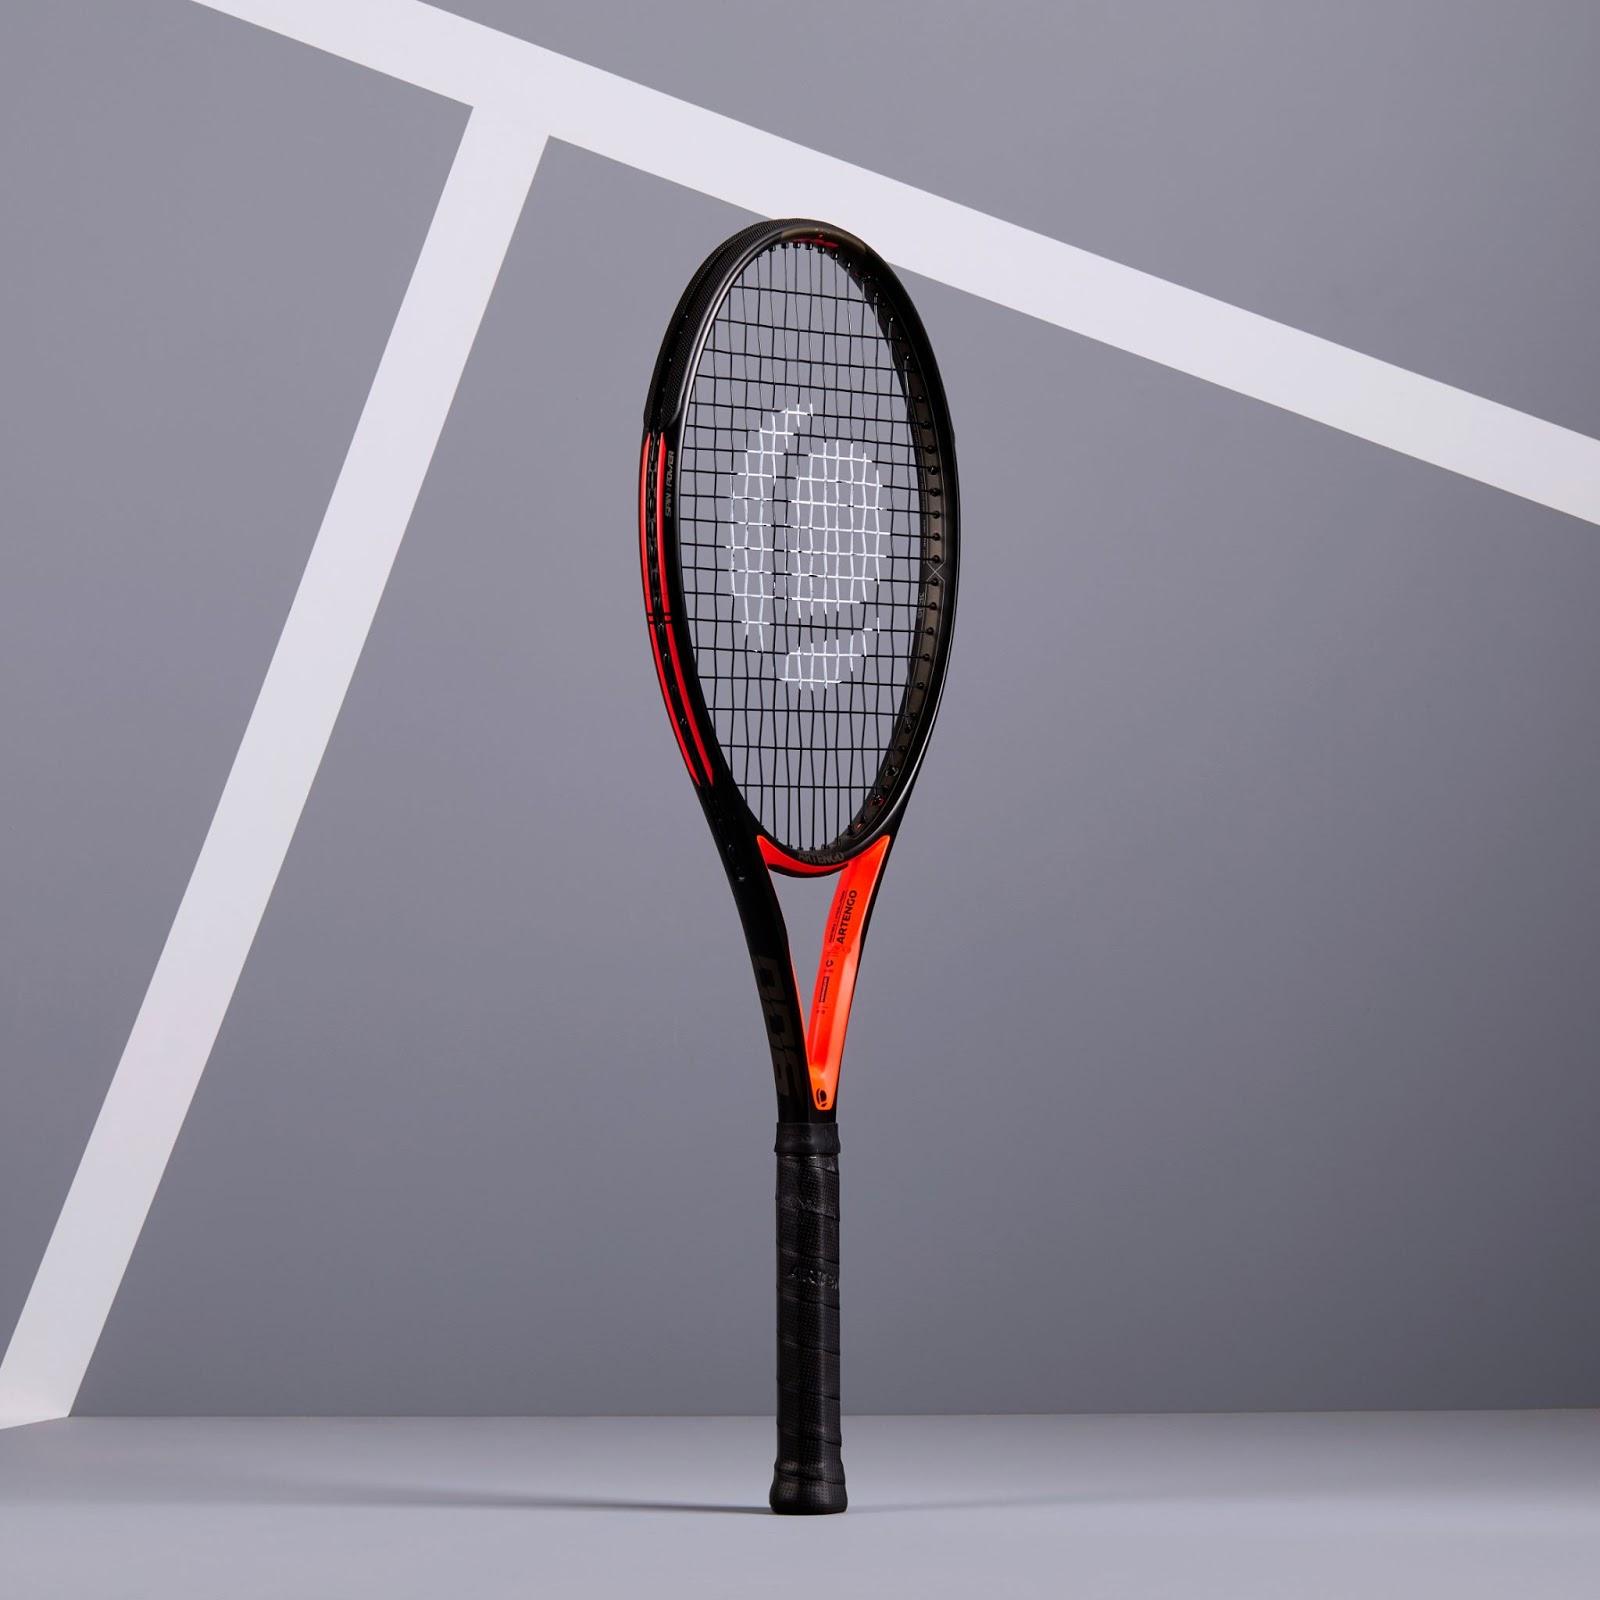 Artengo TR900 Tennis Racket: 5 Best Features We Love of This Racket